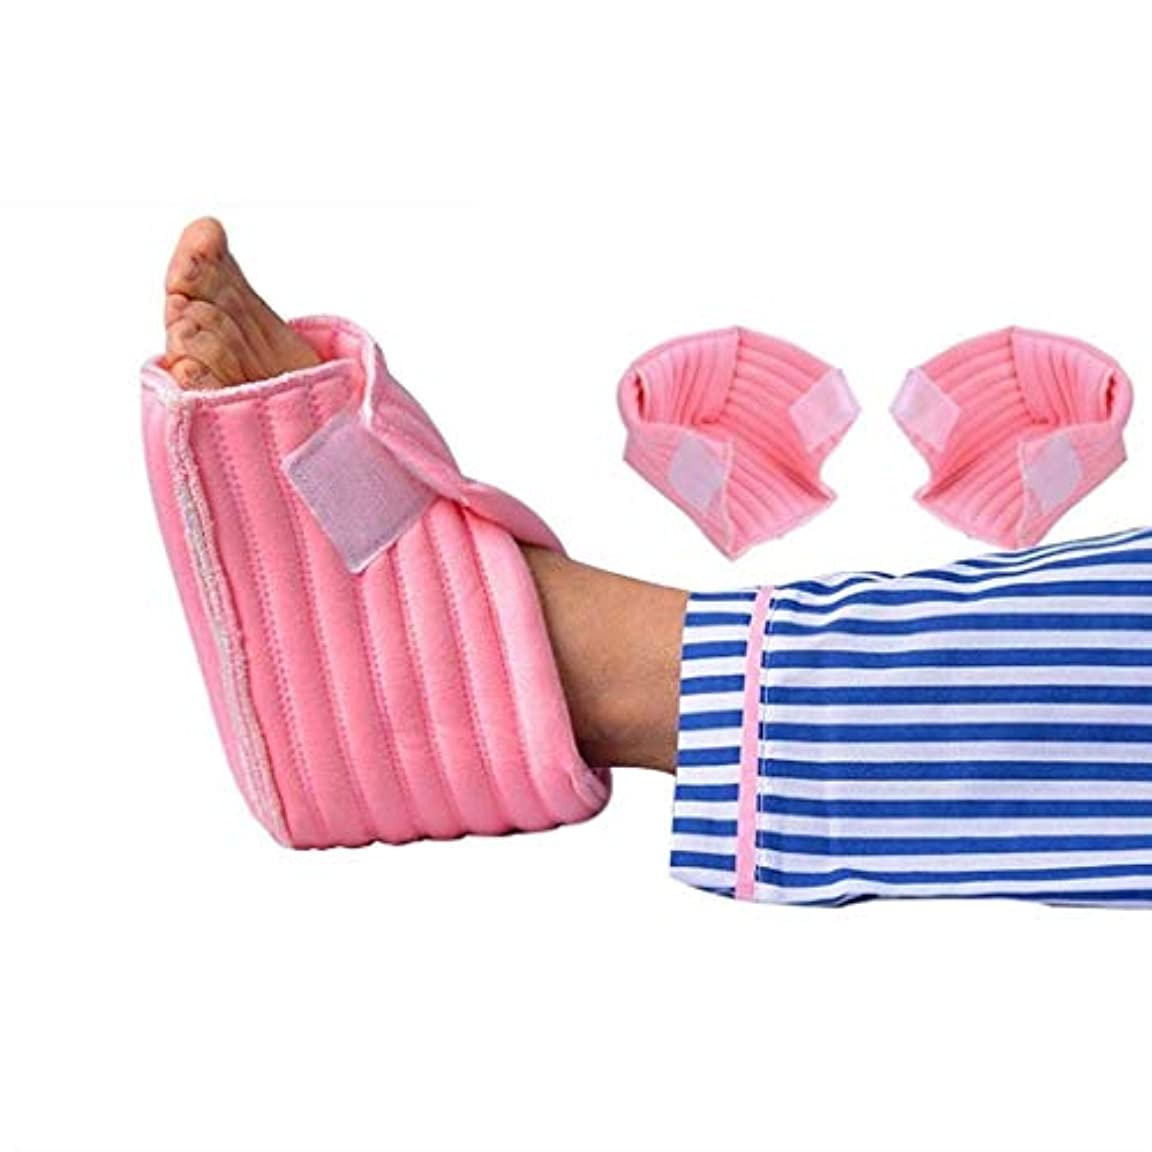 タンパク質批判する存在するTONGSH かかとの枕-ウィッキング生地-ピンク-潰瘍の予防、足/かかとへの圧力を軽減 (Size : 1pcs)